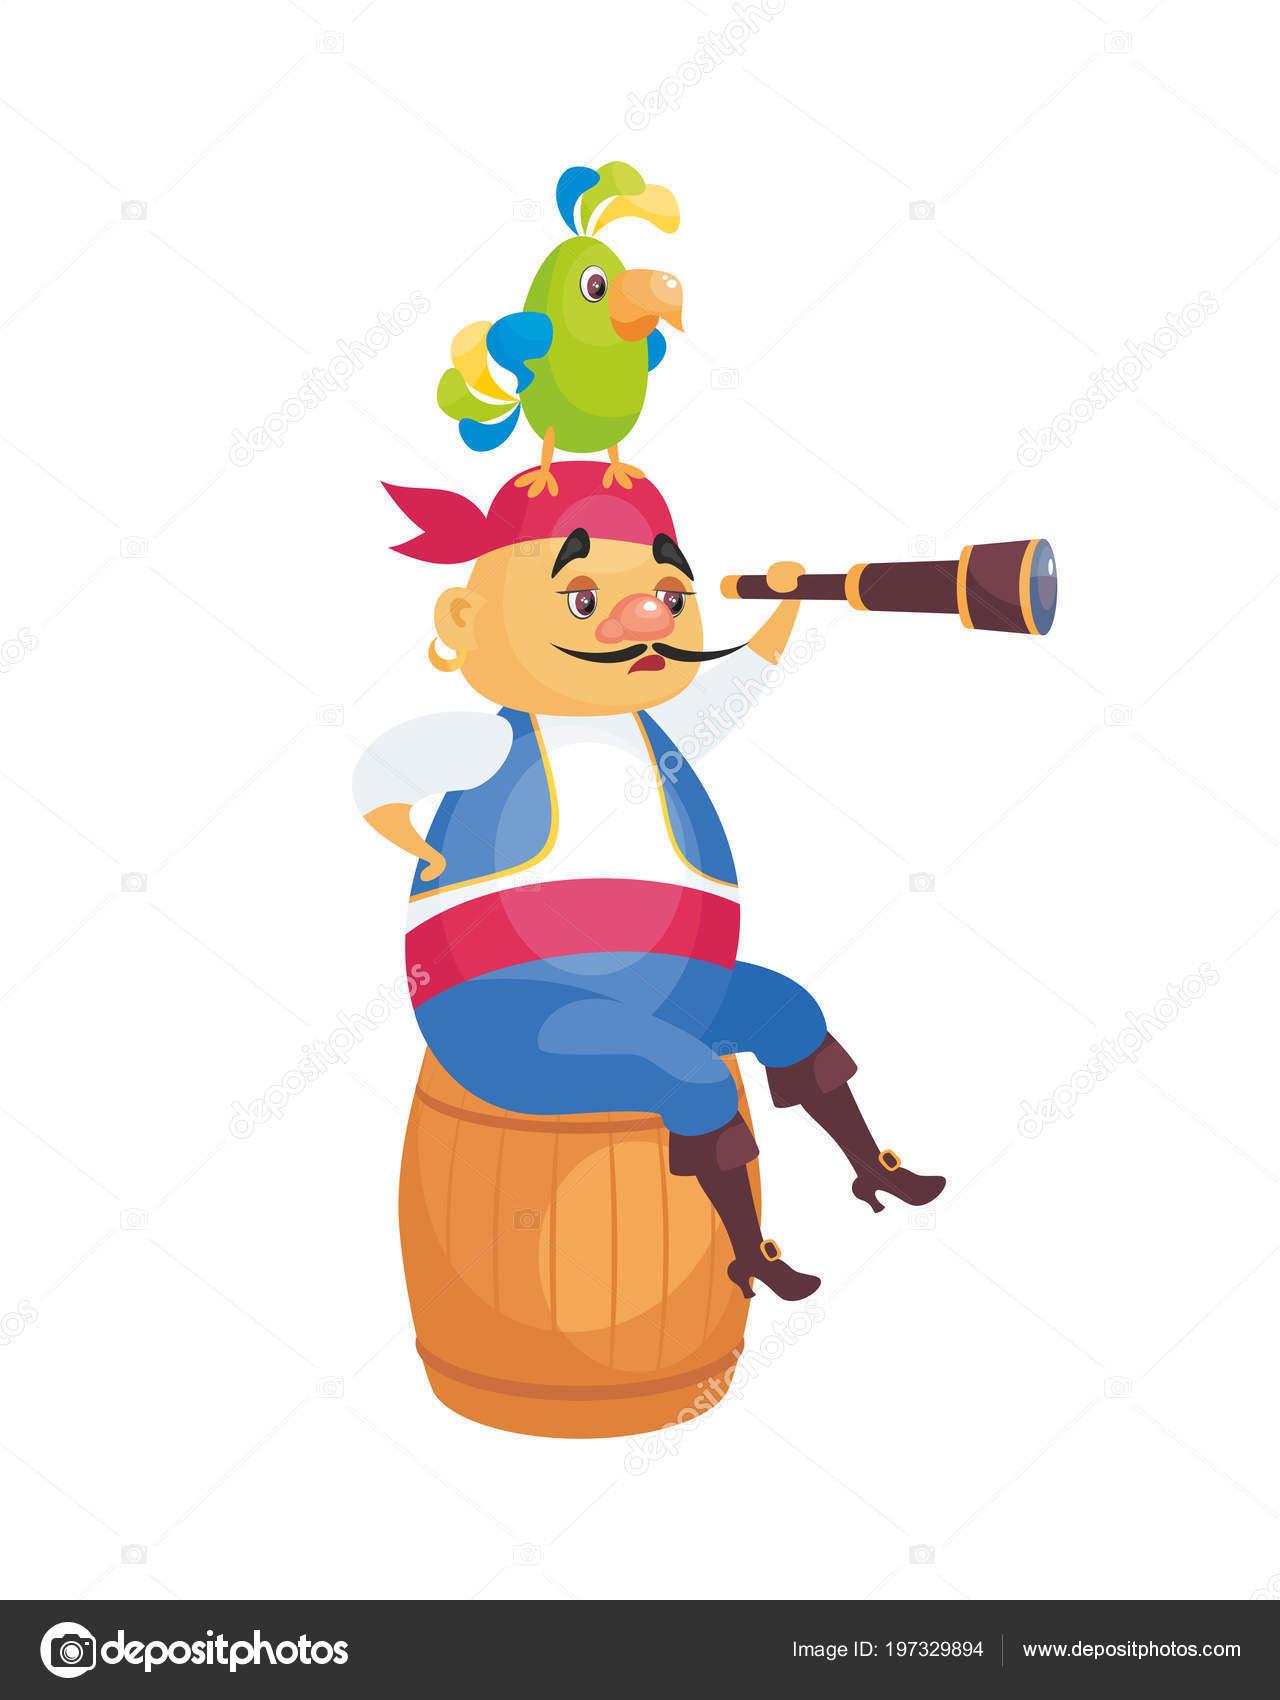 Immagine vettore pirata stile cartone animato illustrazione infanzia